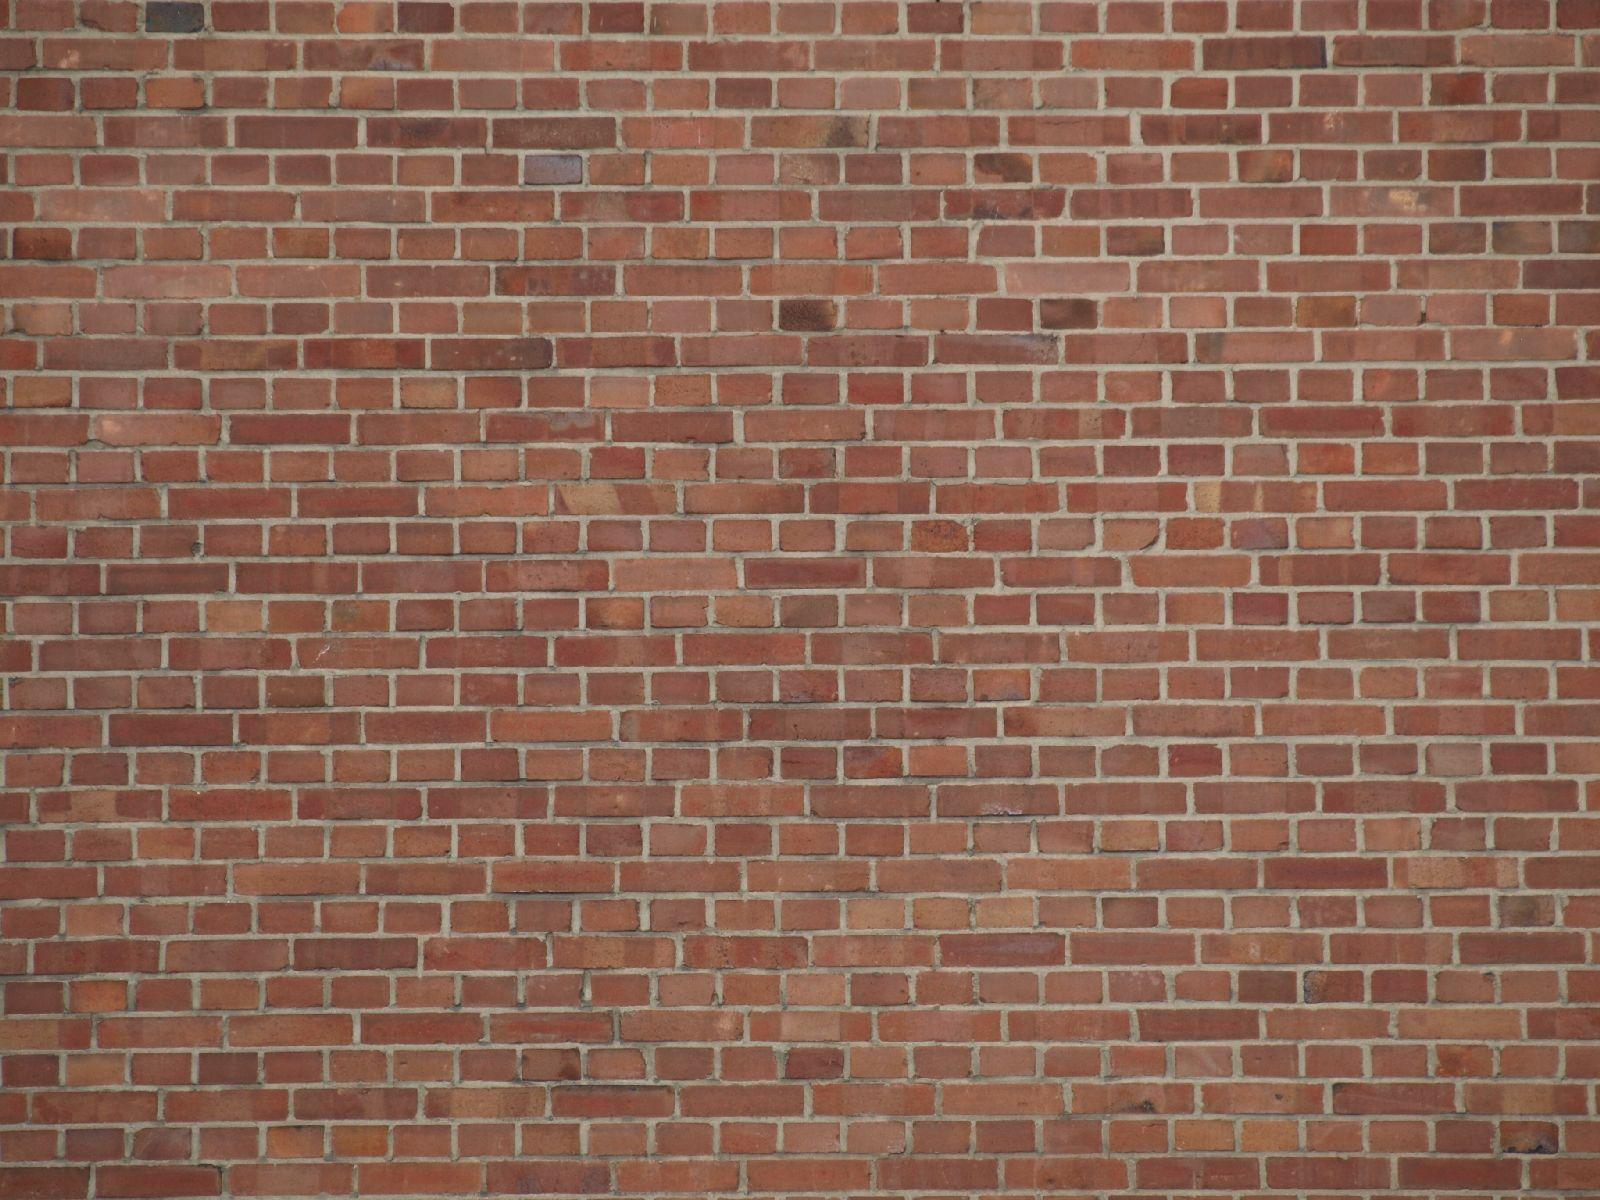 Wand-Mauerwerk-Backstein_Textur_A_PA170226